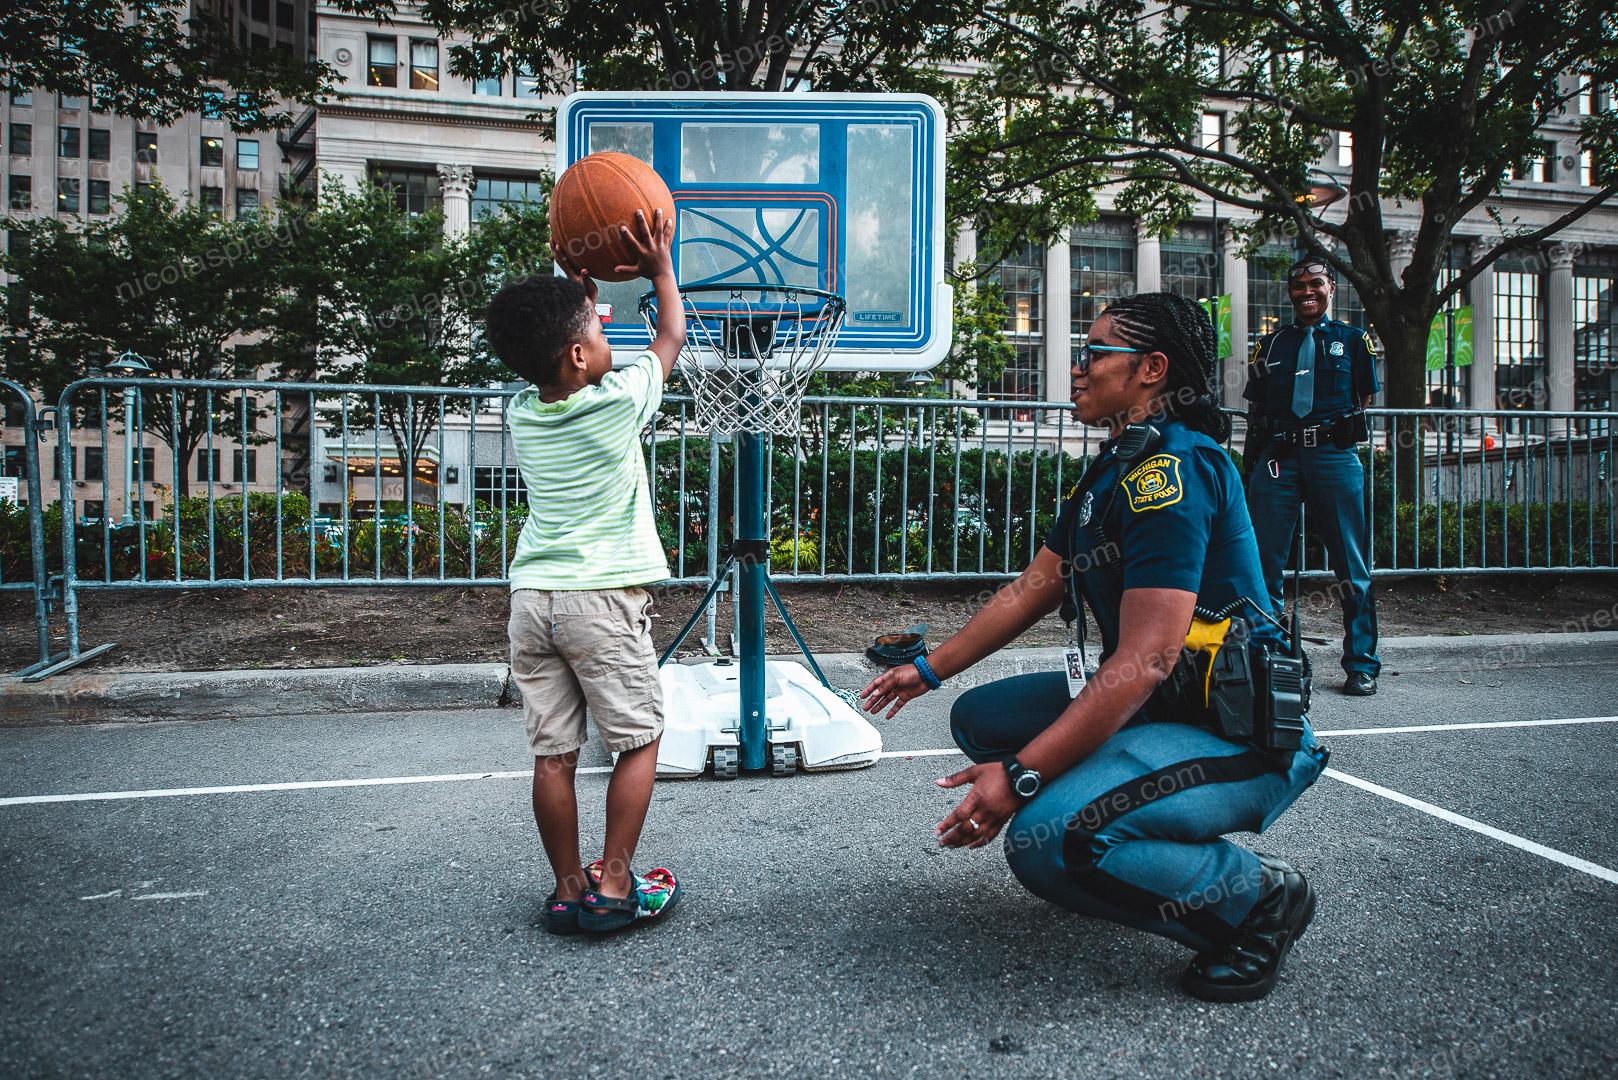 Juste une leçon de basket, donnée par la police dans le centre ville de Détroit